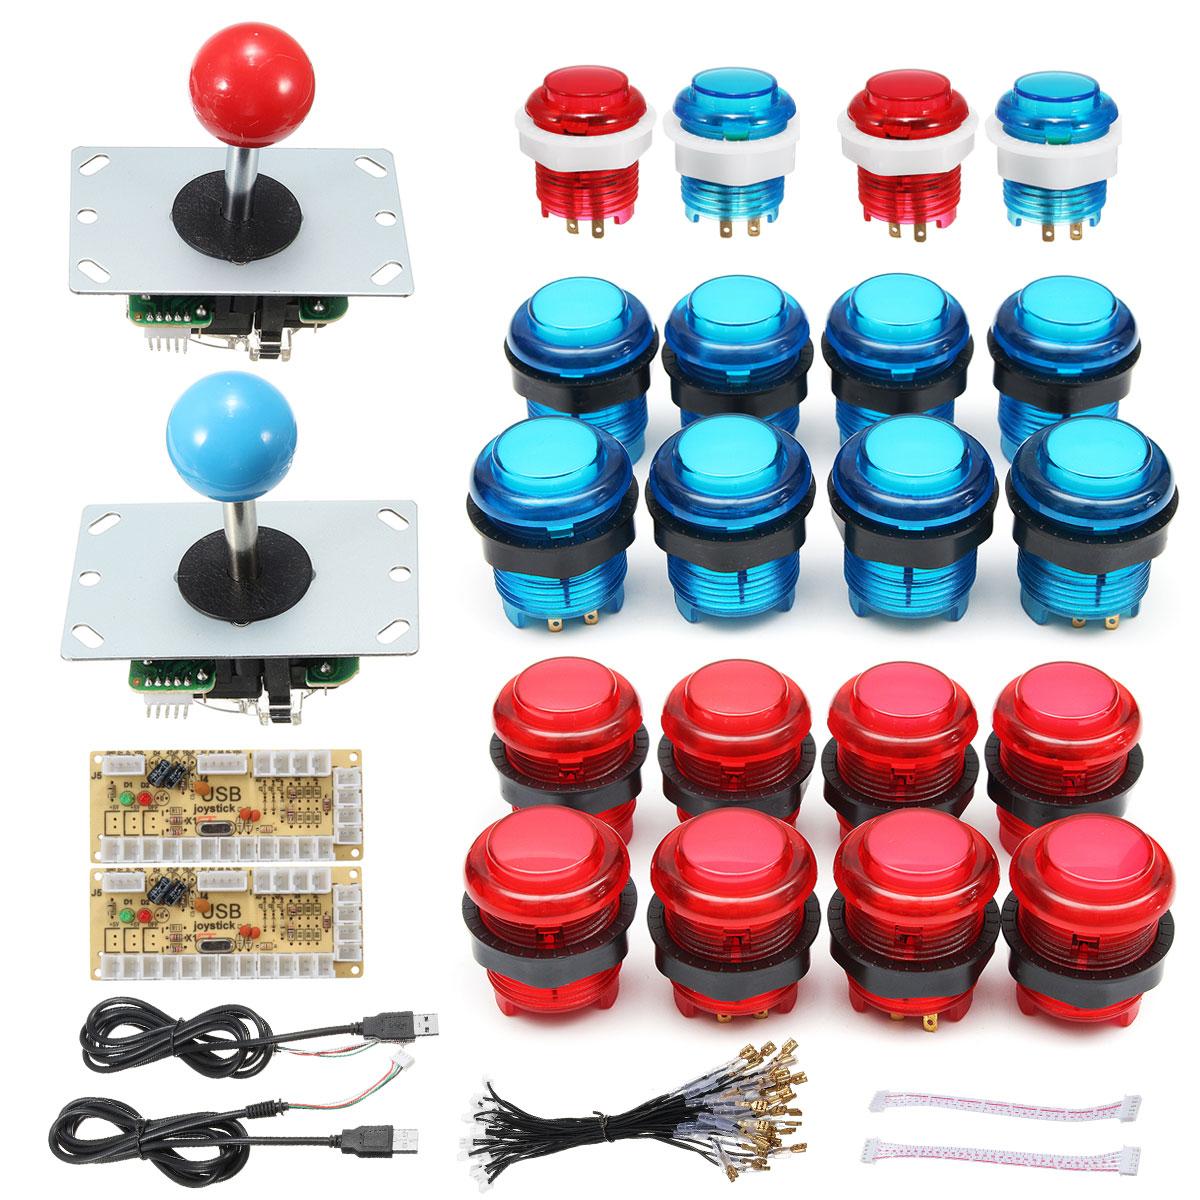 2 joueurs Arcade Joystick contrôleur bricolage Kits + 20 LED bouton lumineux USB encodeur câbles Kit pour jeu d'arcade